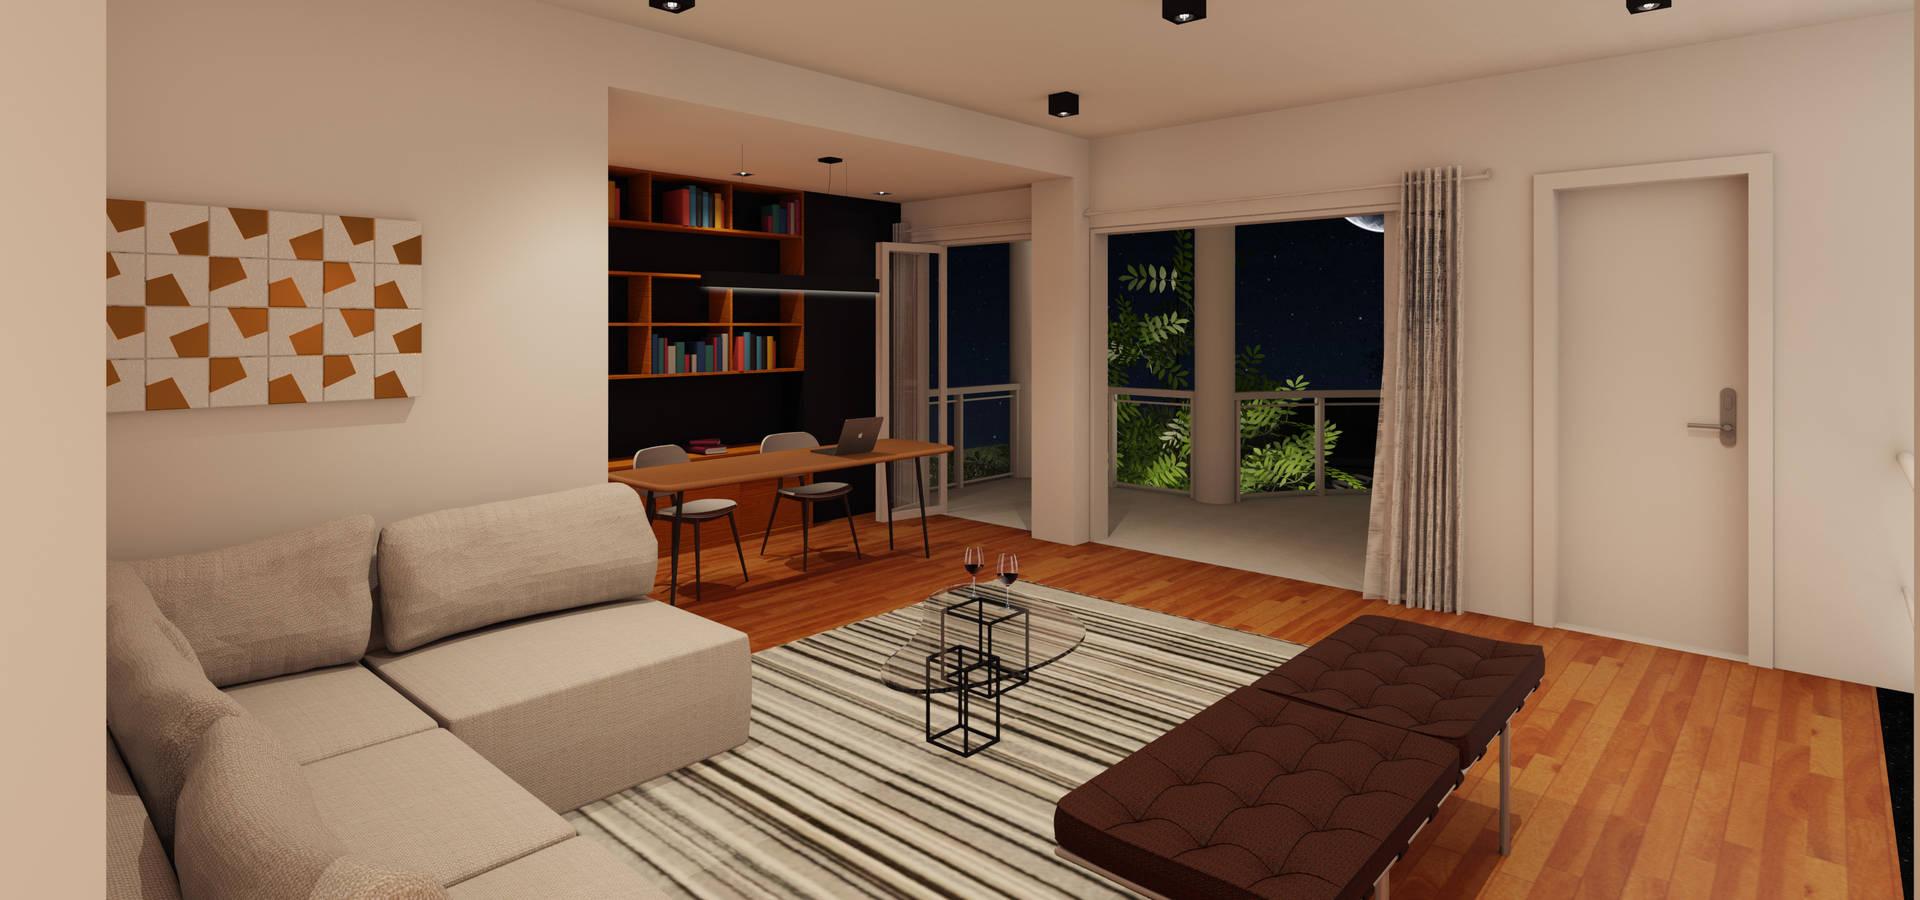 Atelier 6 Arquitetura